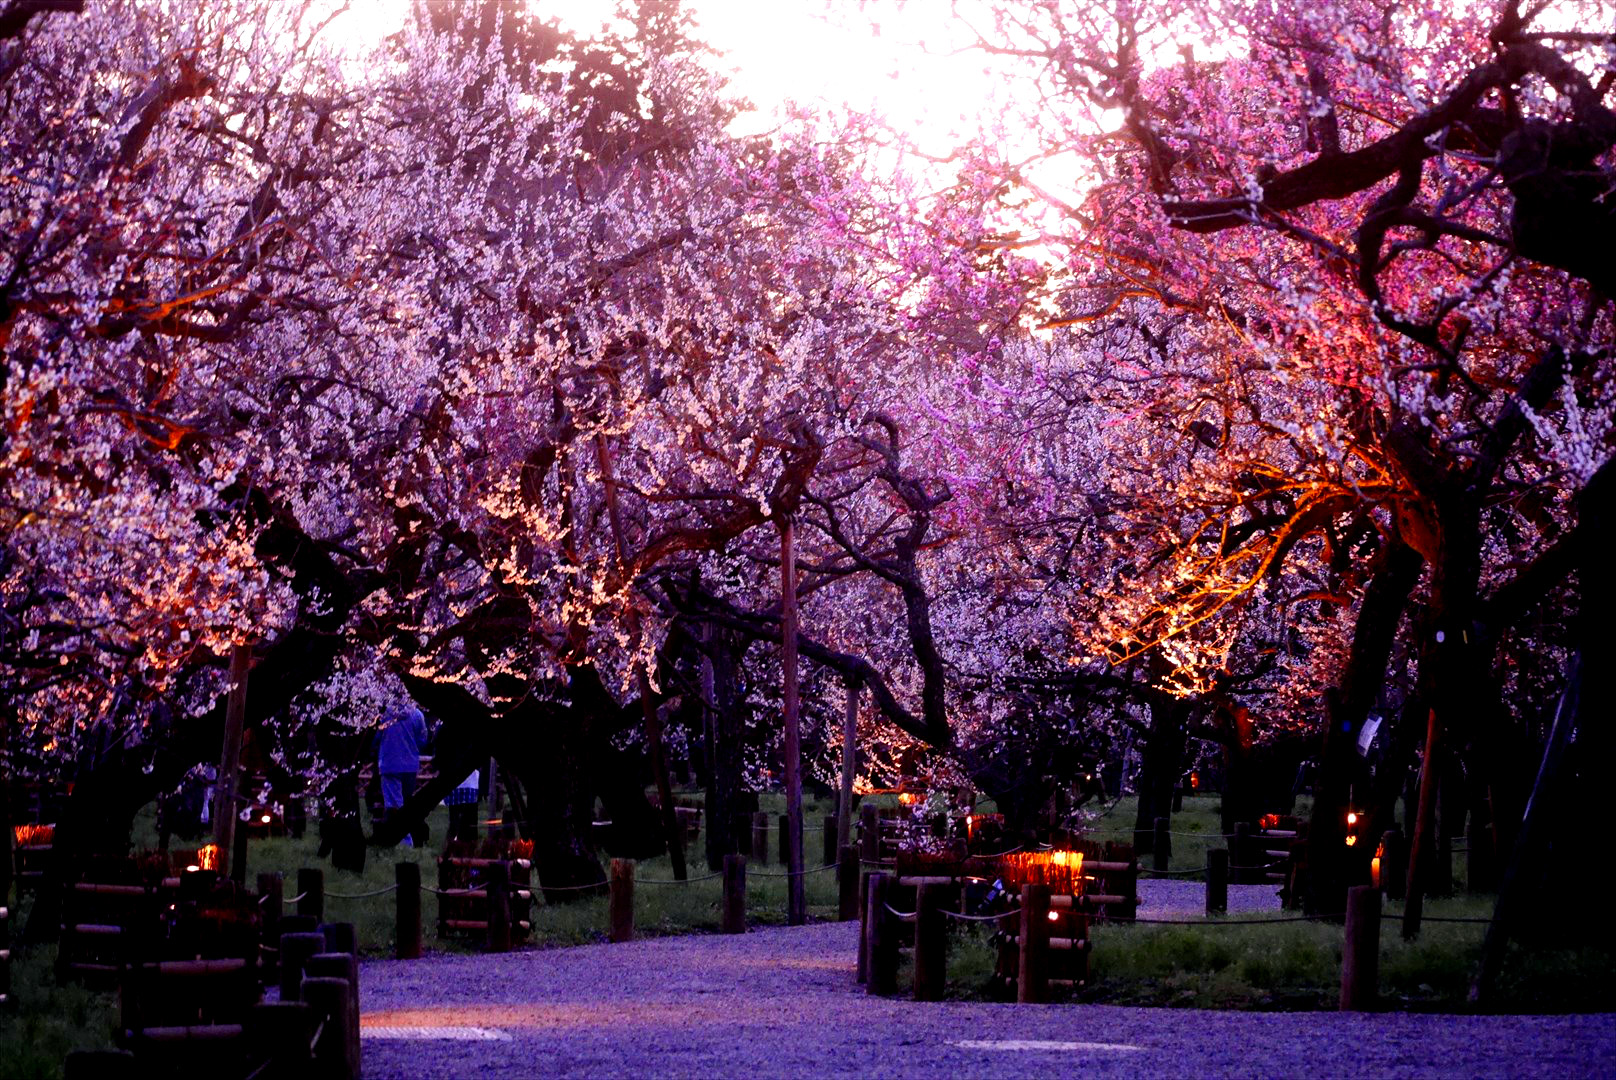 偕楽園が本気を出すとこうなる 梅の偕楽園